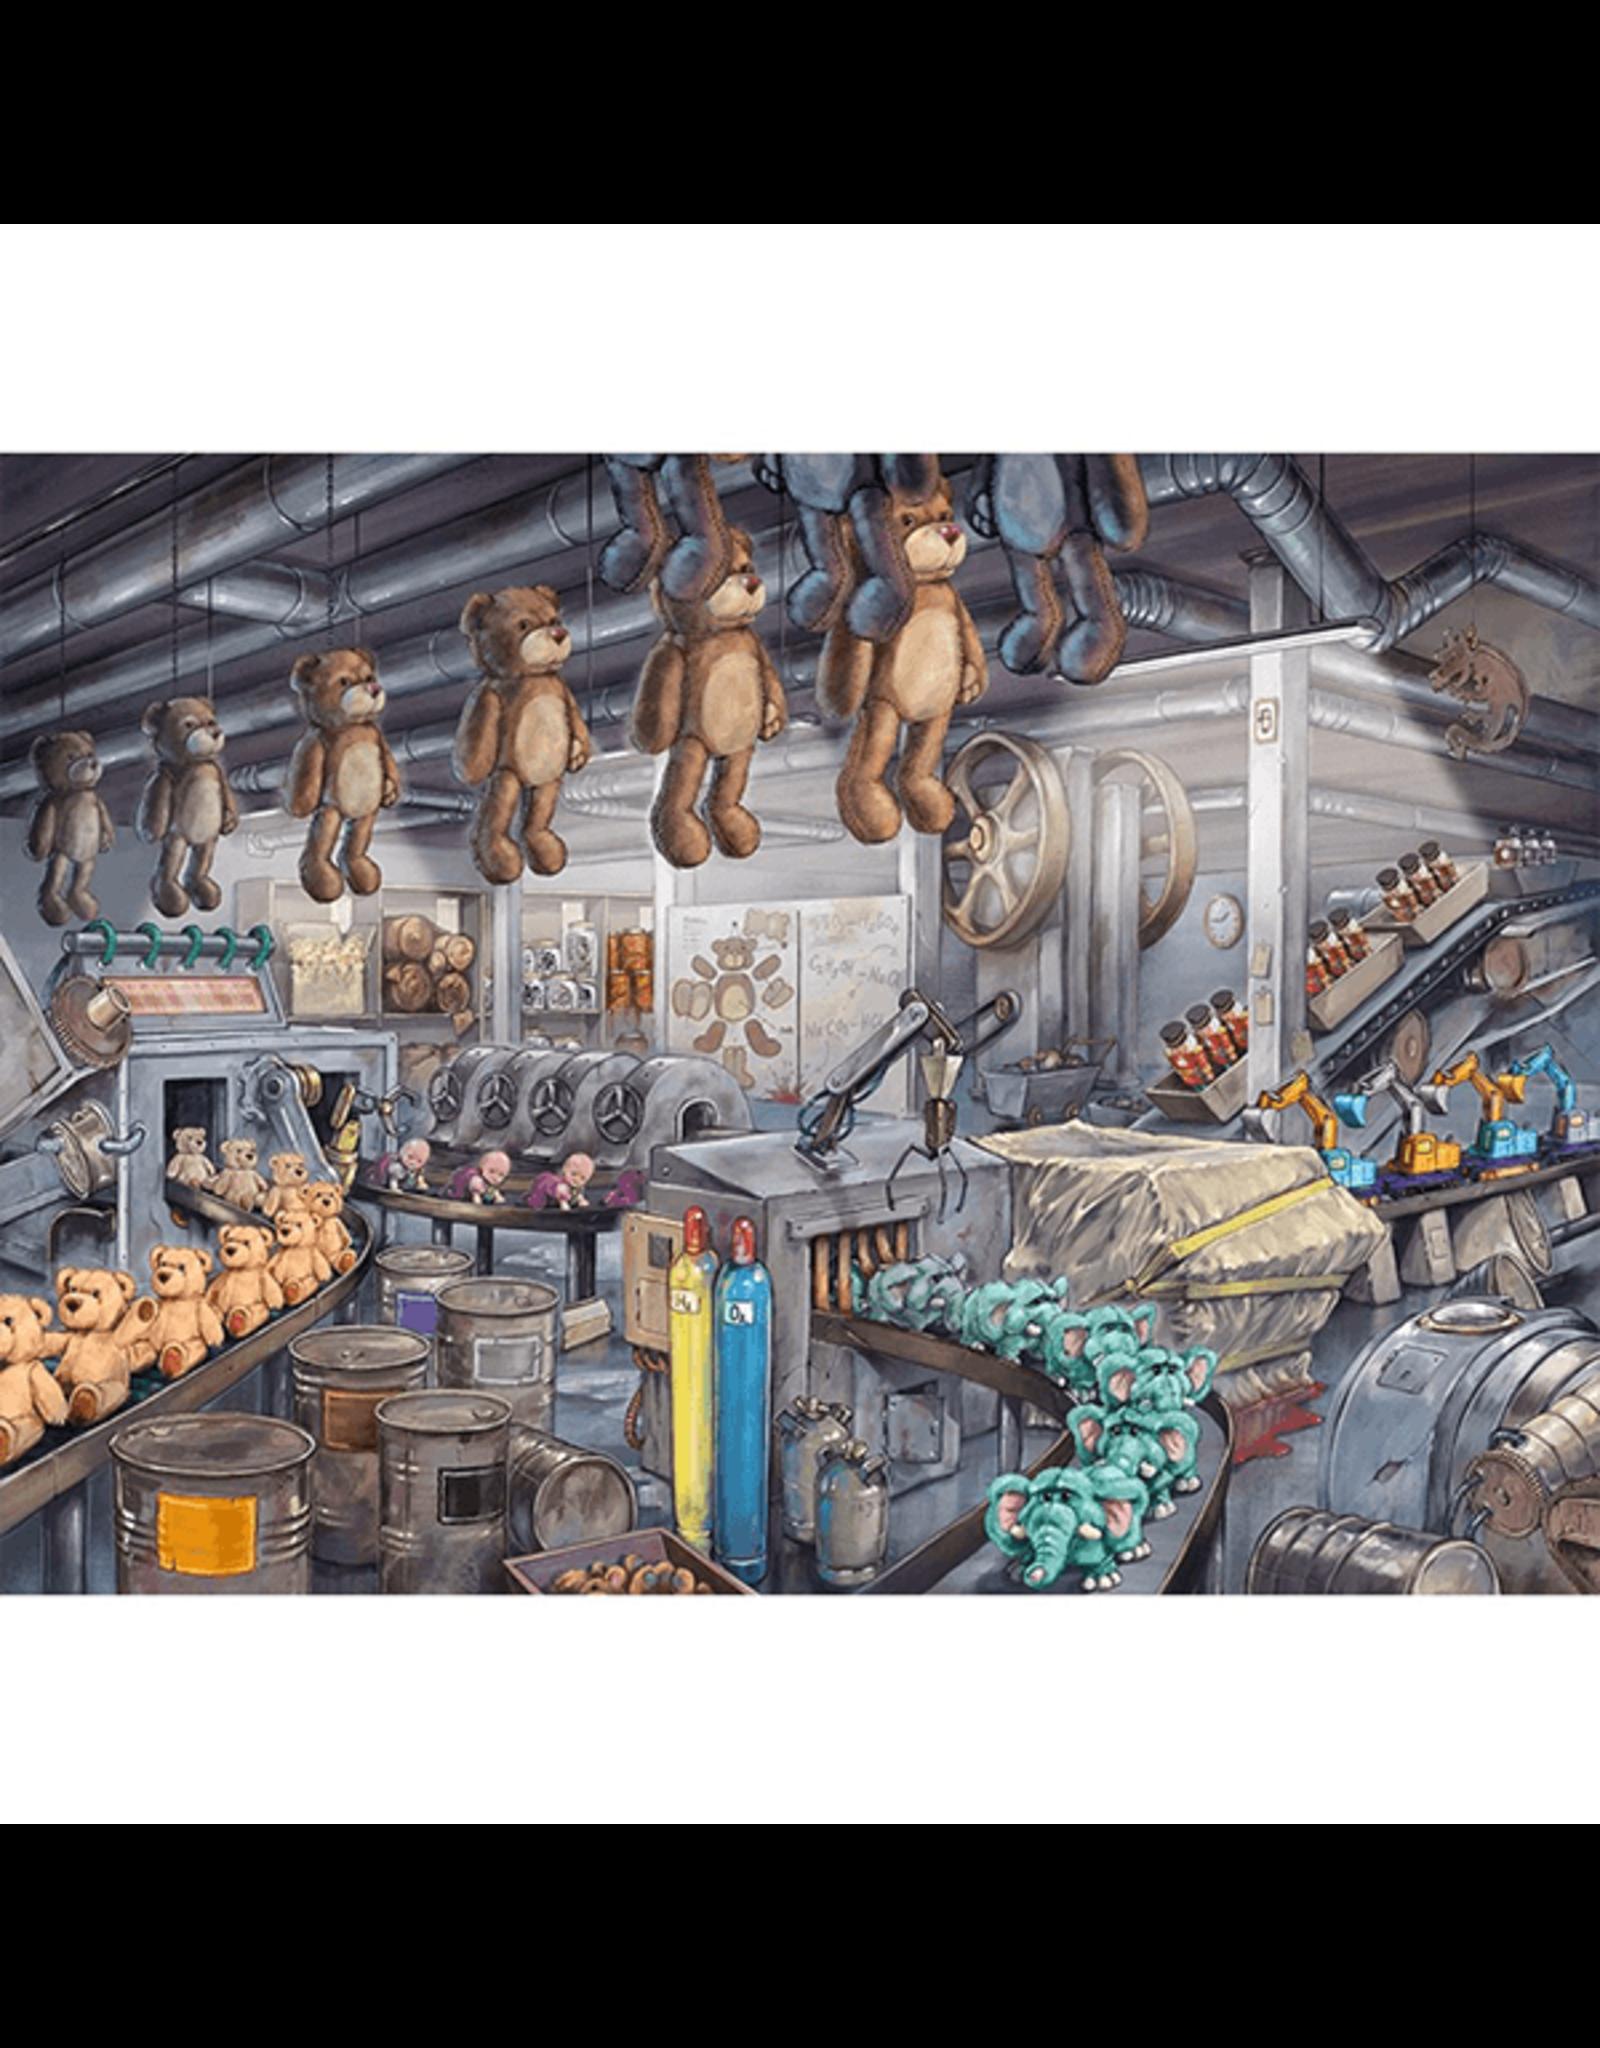 Ravensburger ESCAPE: Toy Factory 368pc